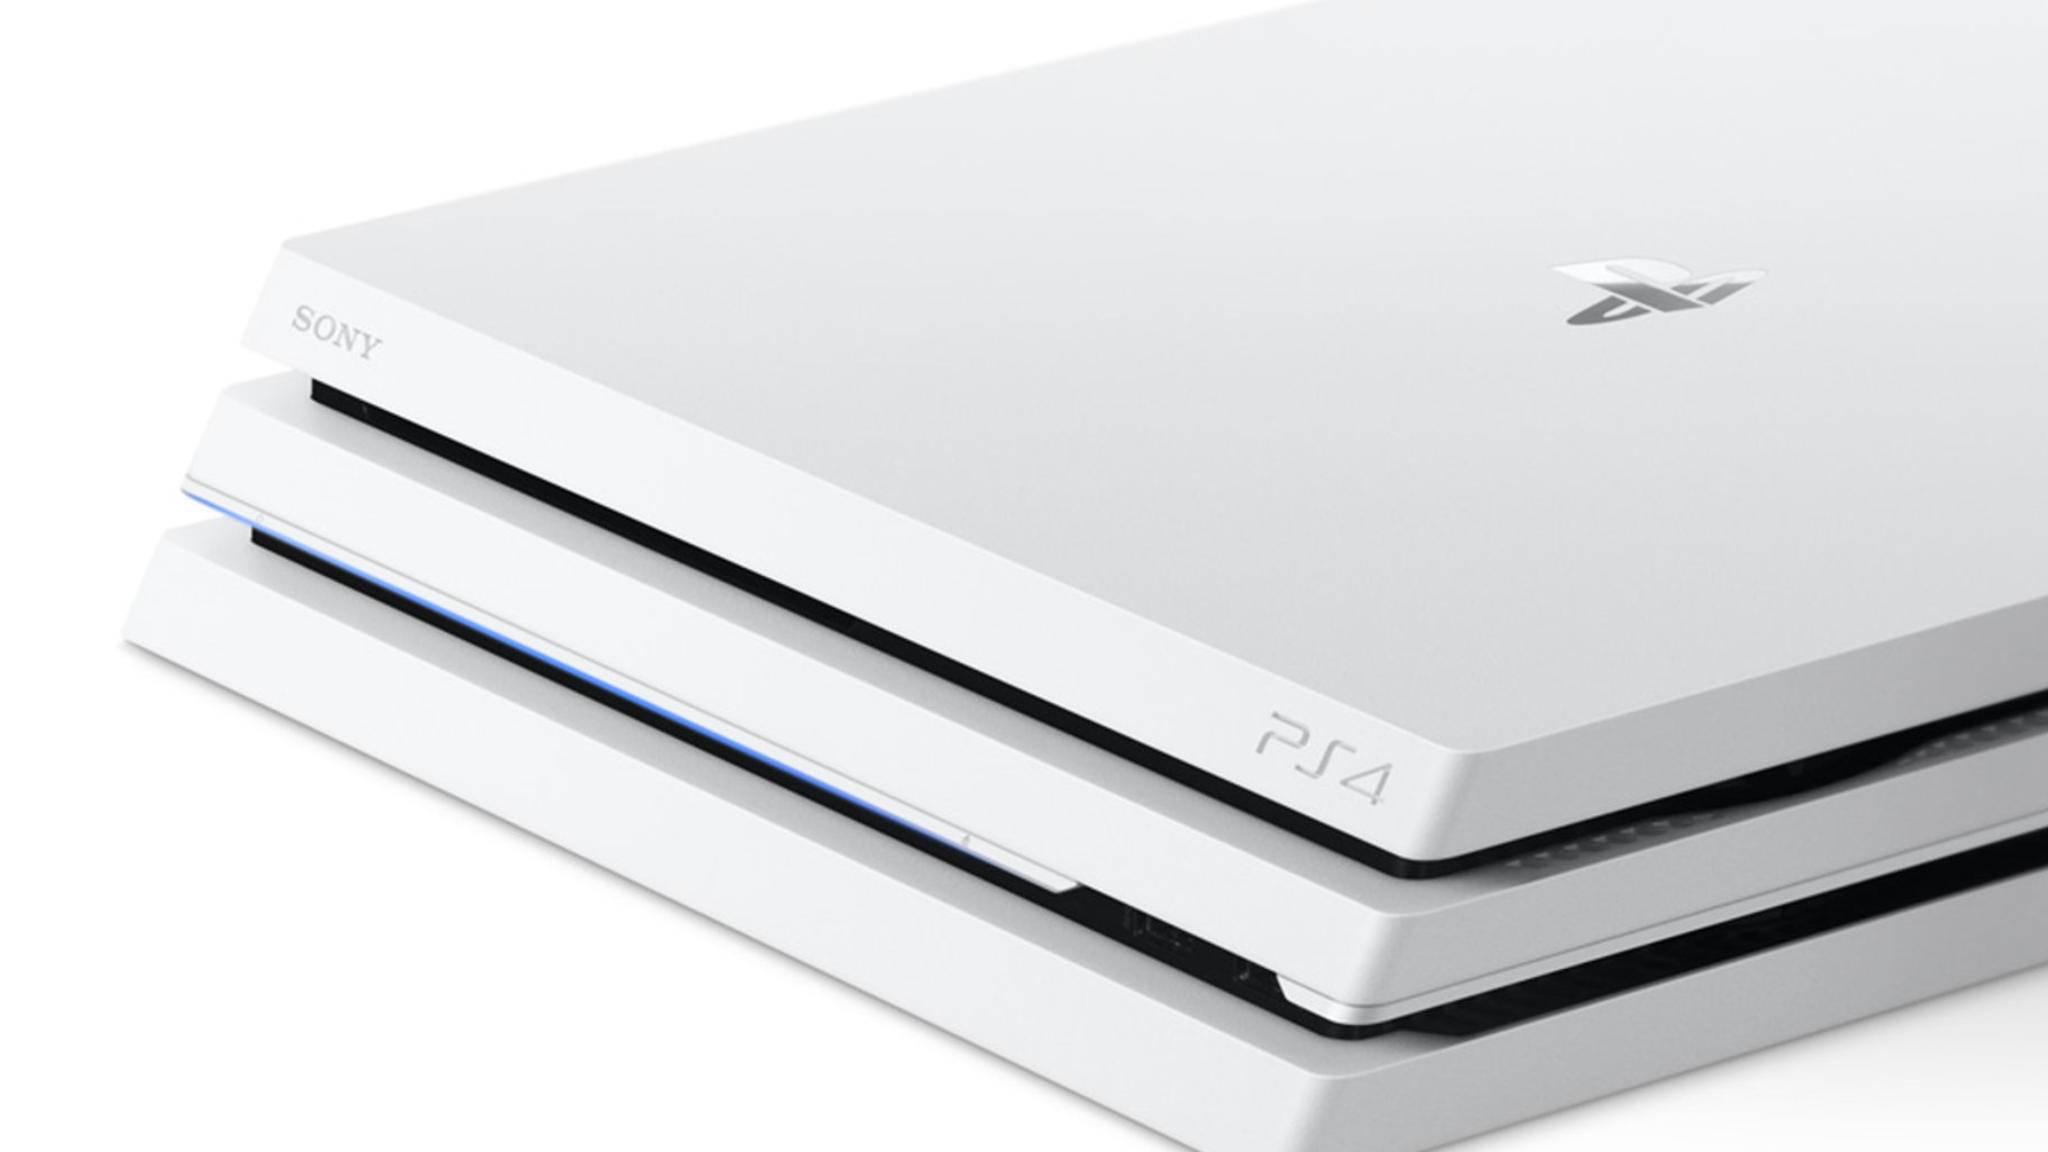 Mit dem Update auf Version 7.00 erstrahlt auch Deine PS4 in neuem Glanz.